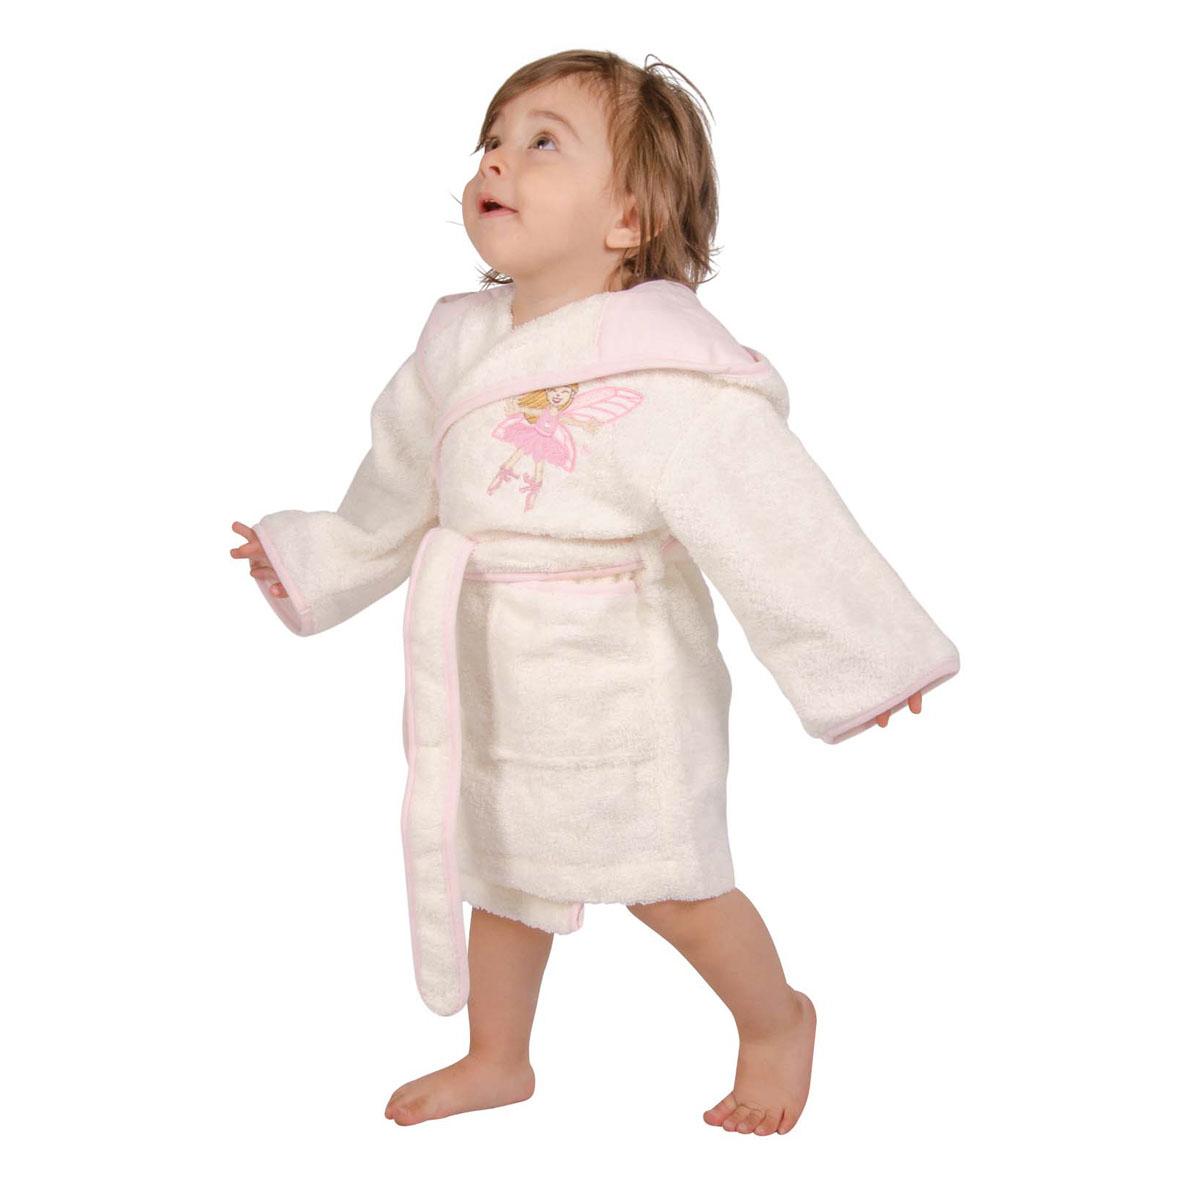 peignoir f e peignoir de bain enfant tradition des vosges. Black Bedroom Furniture Sets. Home Design Ideas